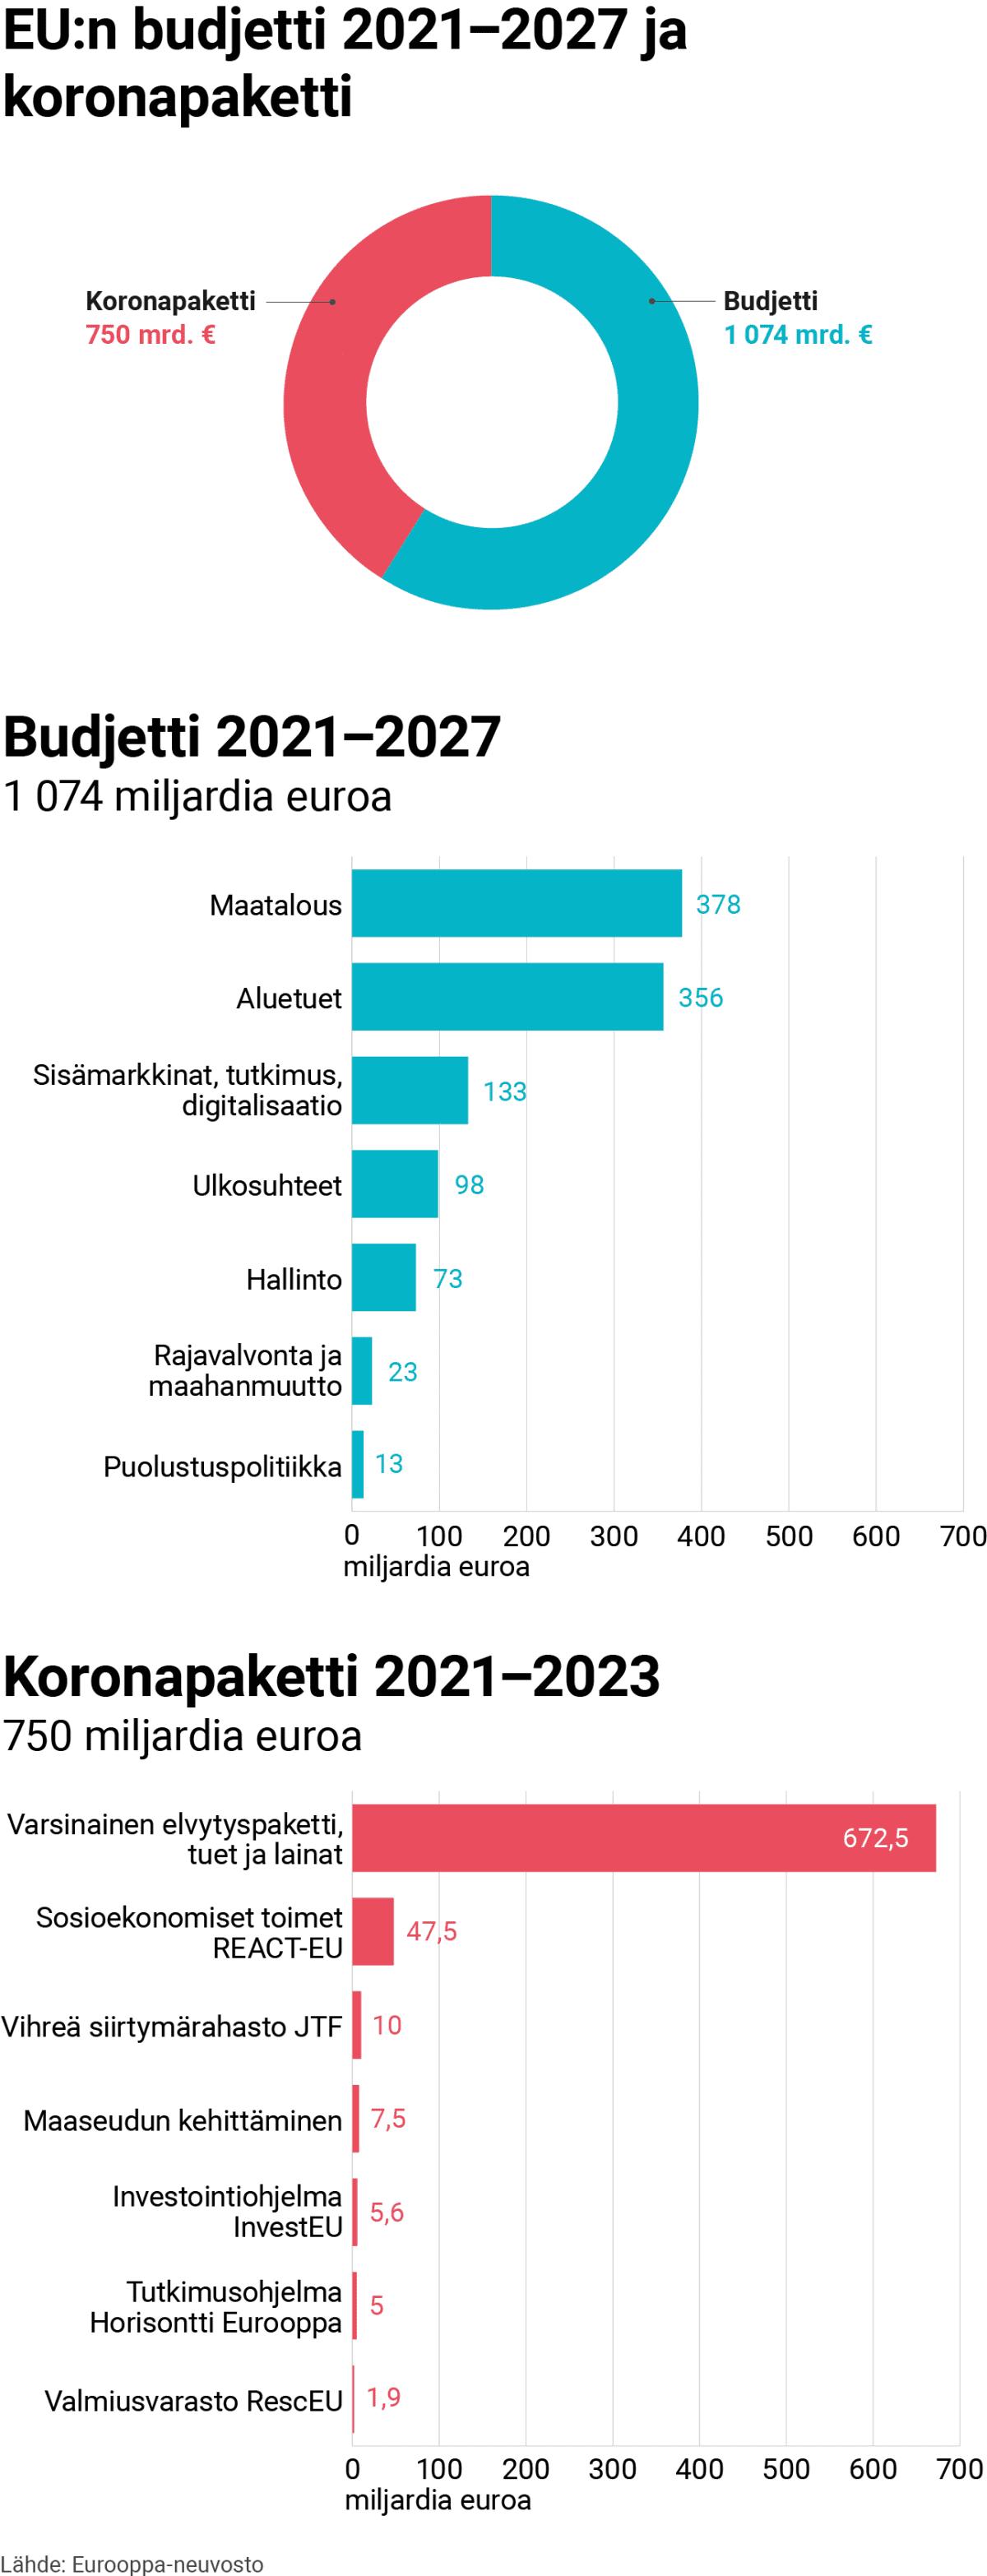 Grafiikka näyttää, mistä EU:n koronapaketti (750 miljardia euroa) ja budjetti vuosille 2021–2027 (1074 miljardia euroa) koostuvat.